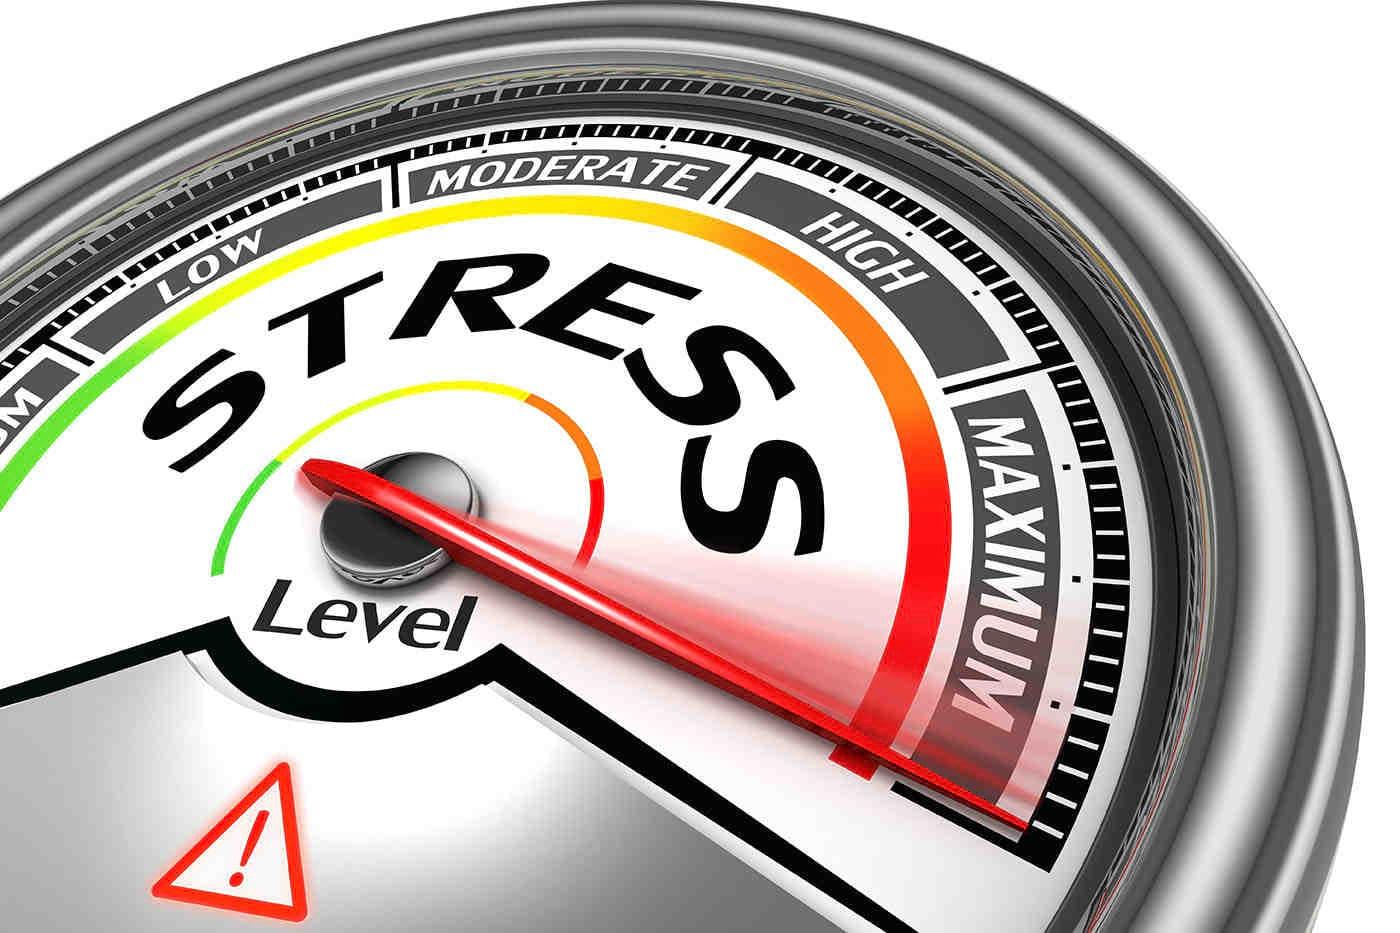 Nivelul de stres ar putea fi detectat cu ajutorul unui dispozitiv purtabil